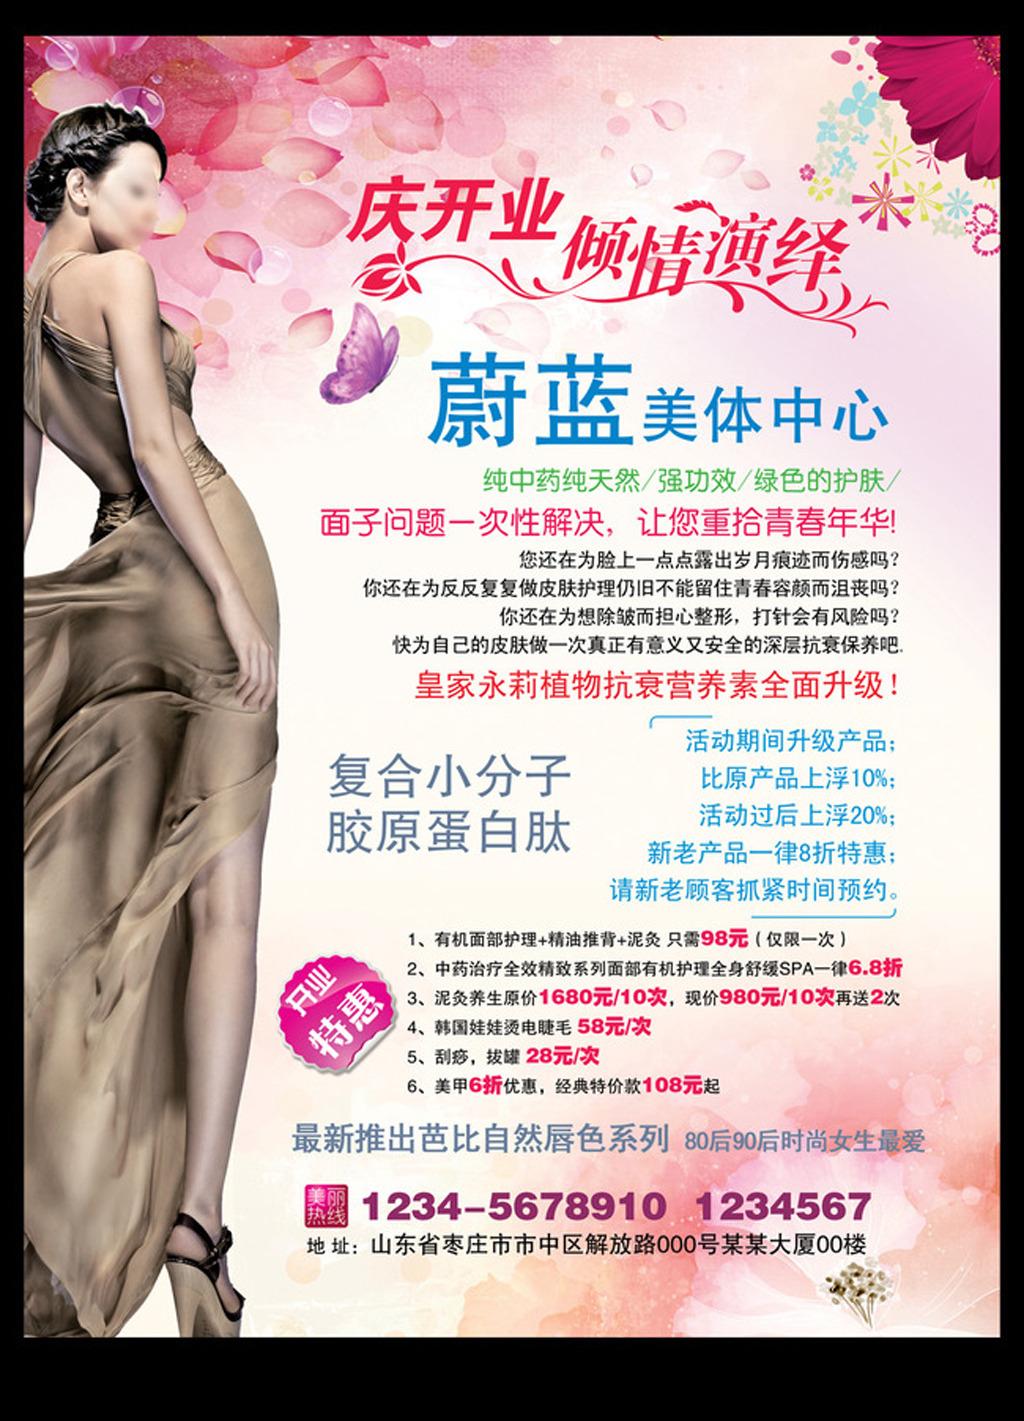 美容美体店开业宣传活动海报模板下载(图片编号:)